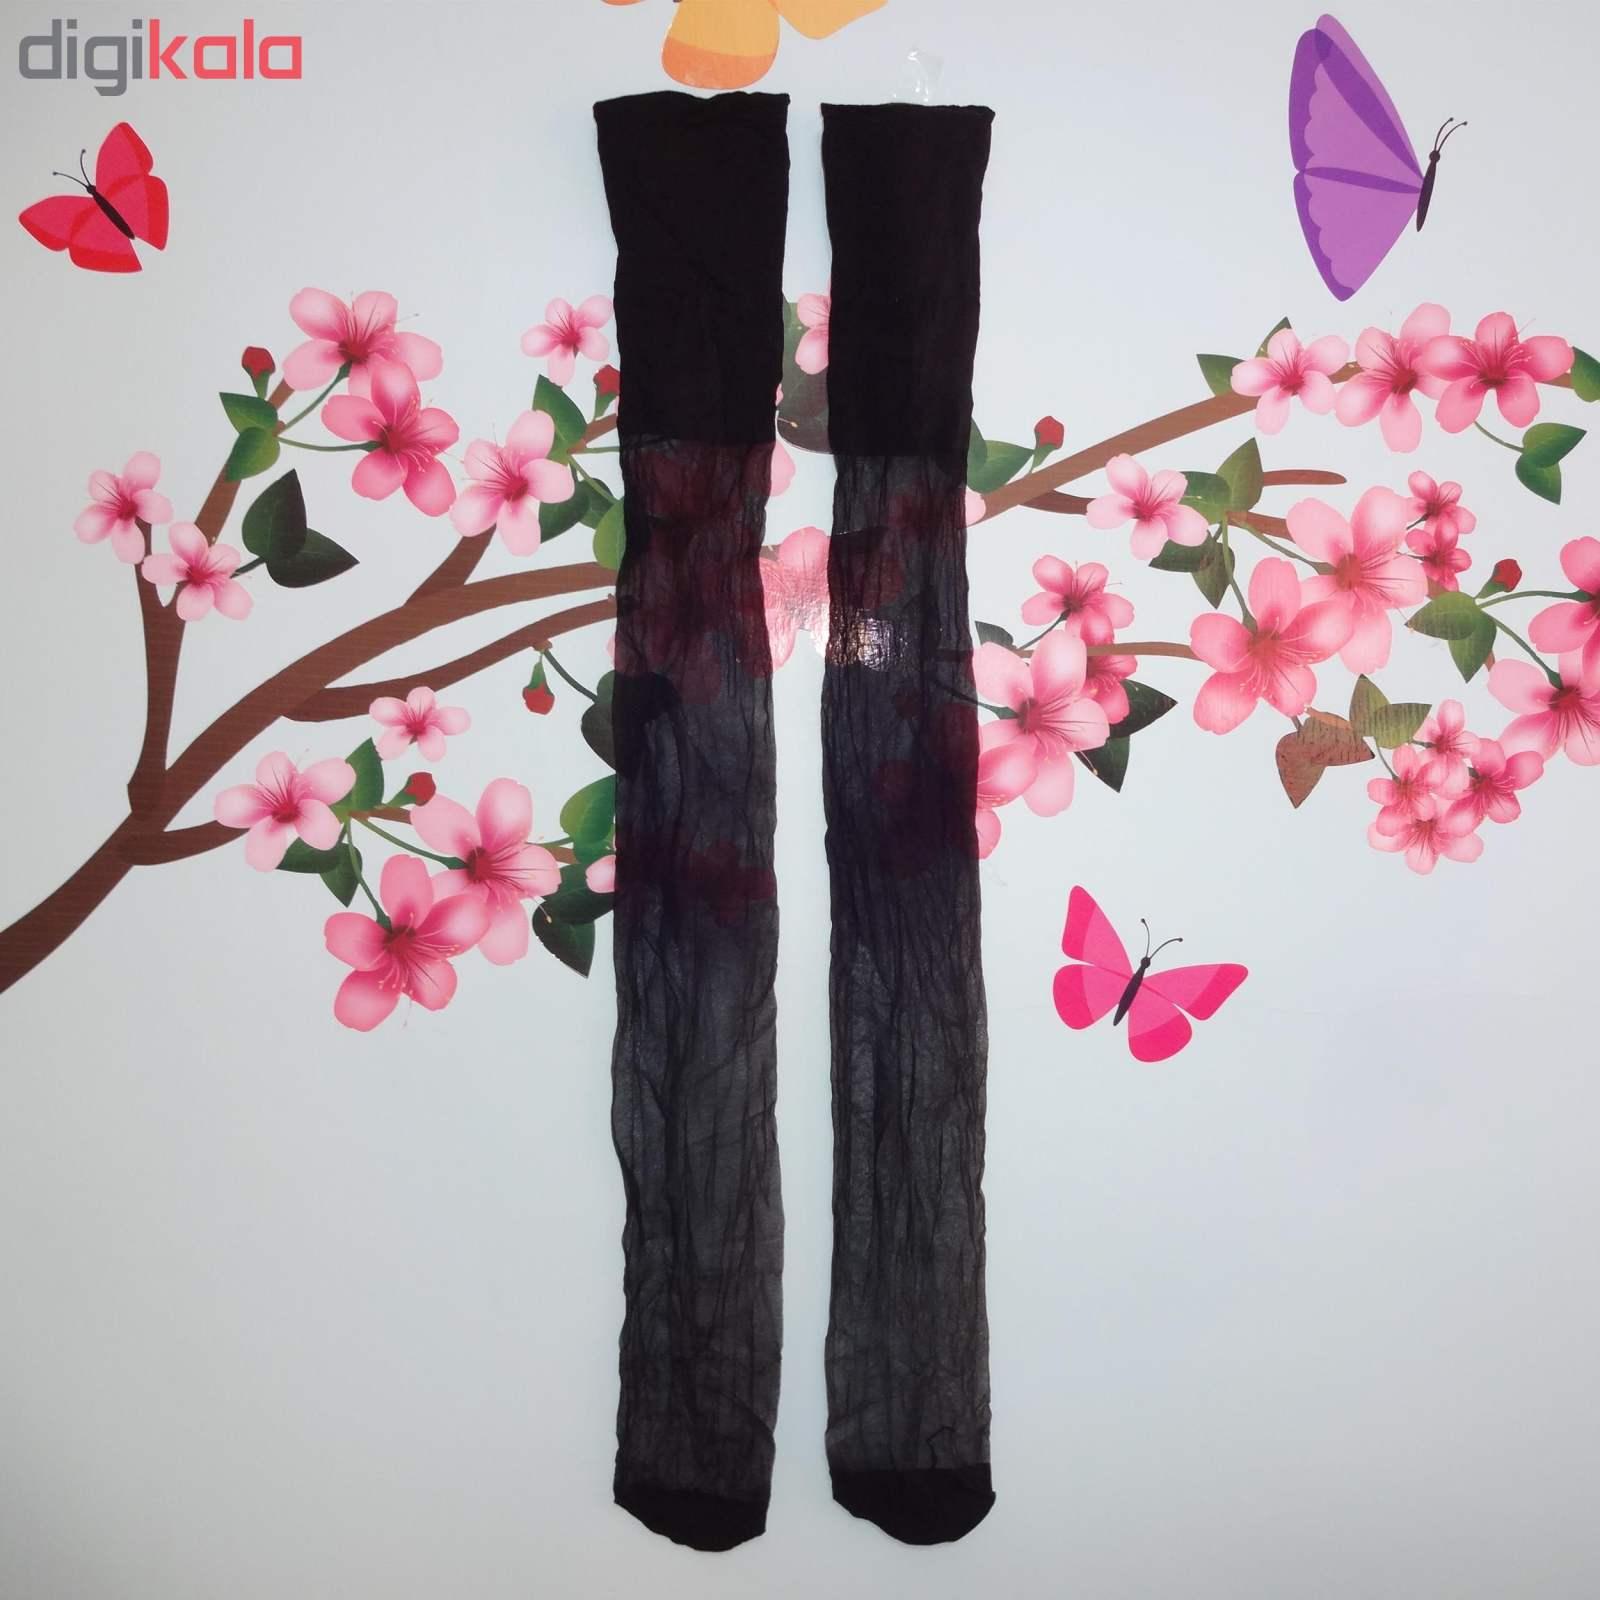 جوراب زنانه مدل 1.10 کد 5sambla -  - 6